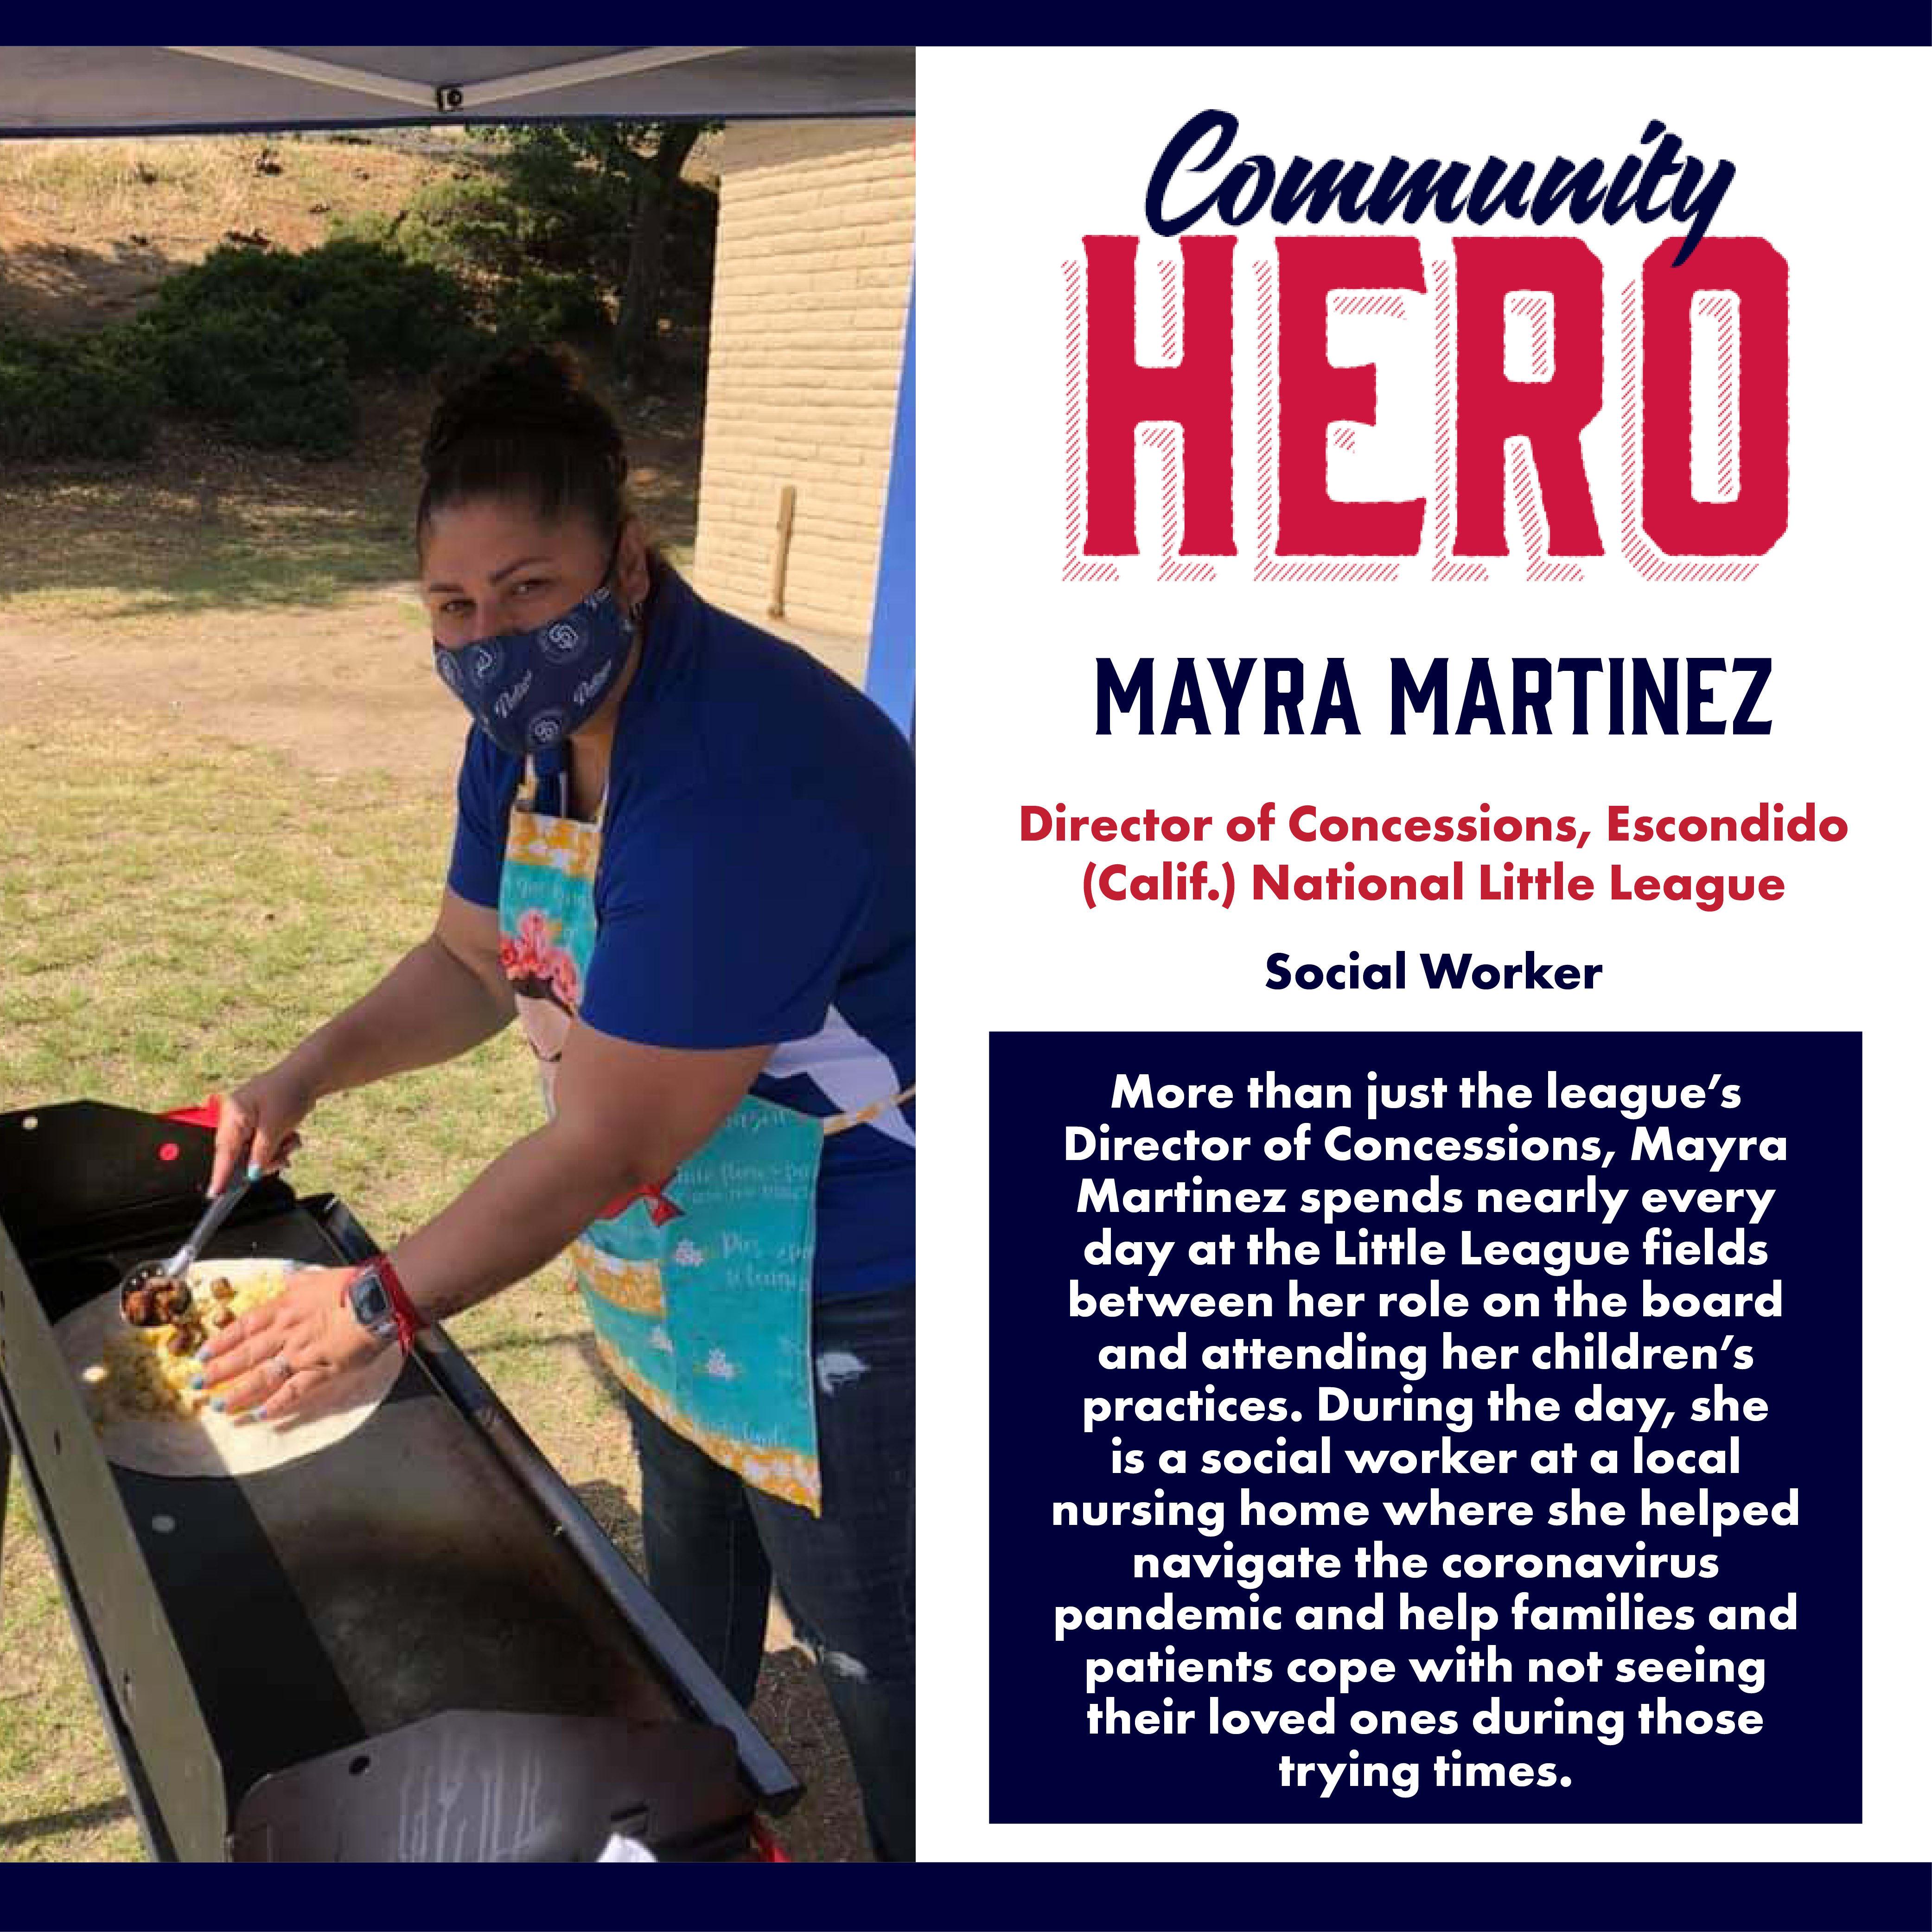 Mayra Martinez Community Hero